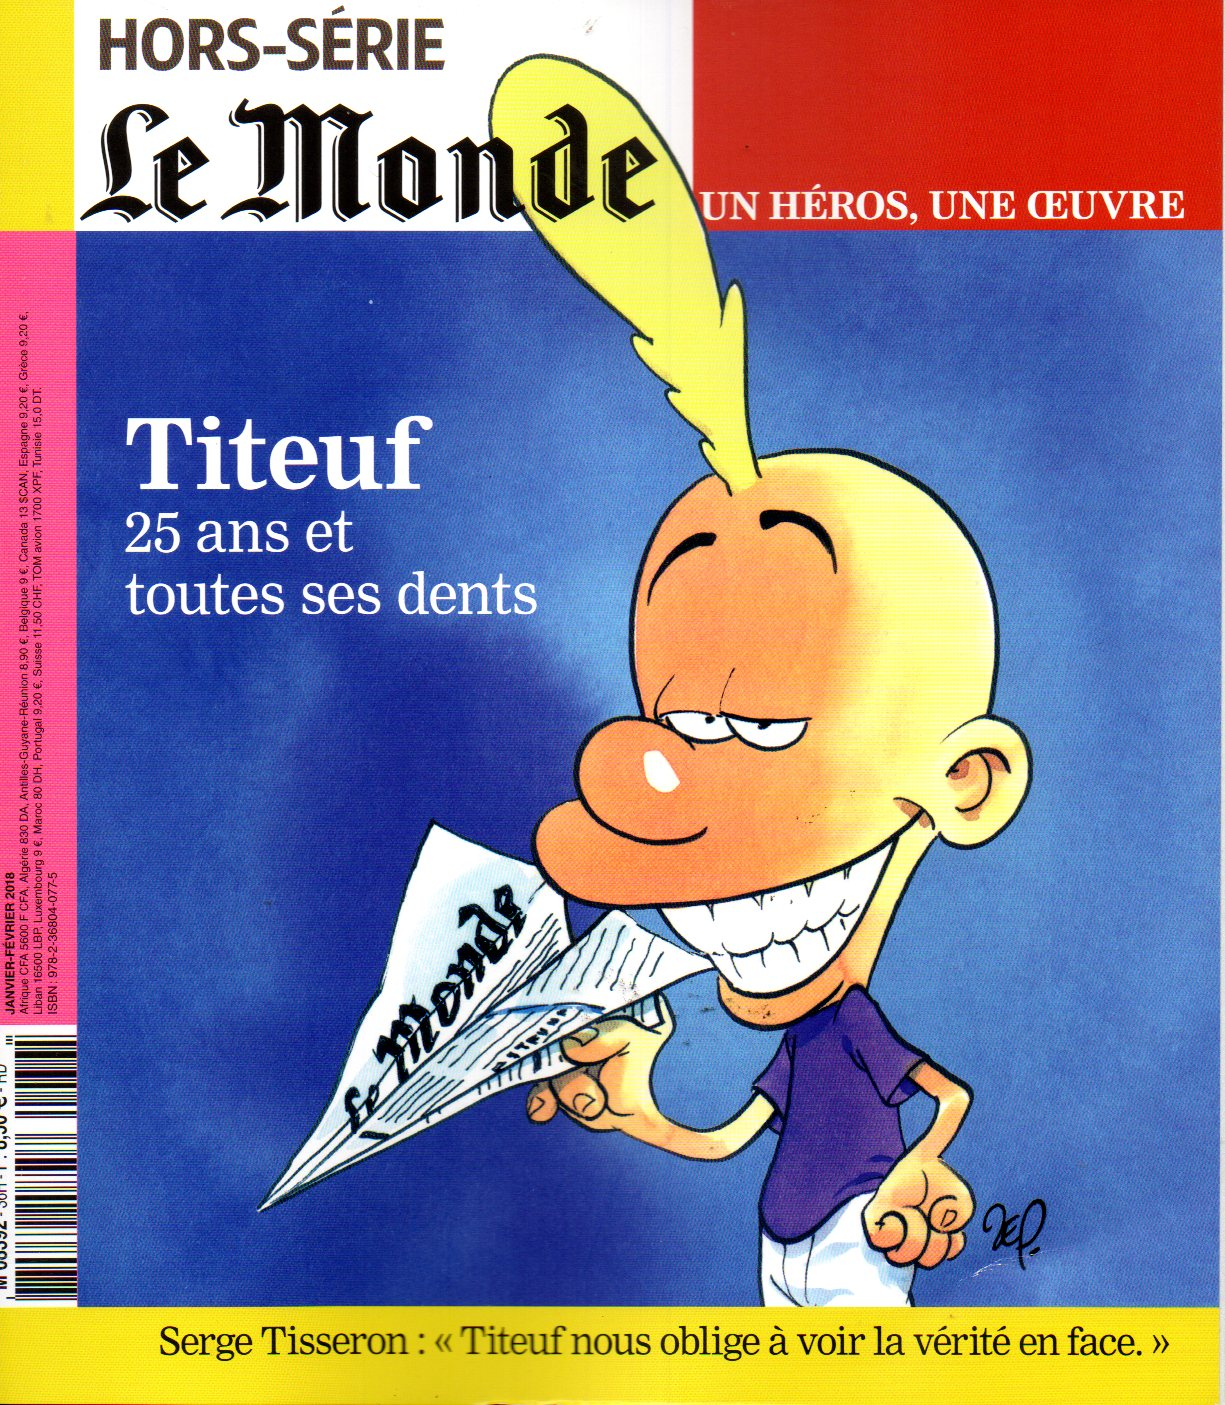 fb77be96ccdc 180128 - HORS SÉRIE LE MONDE - TITEUF